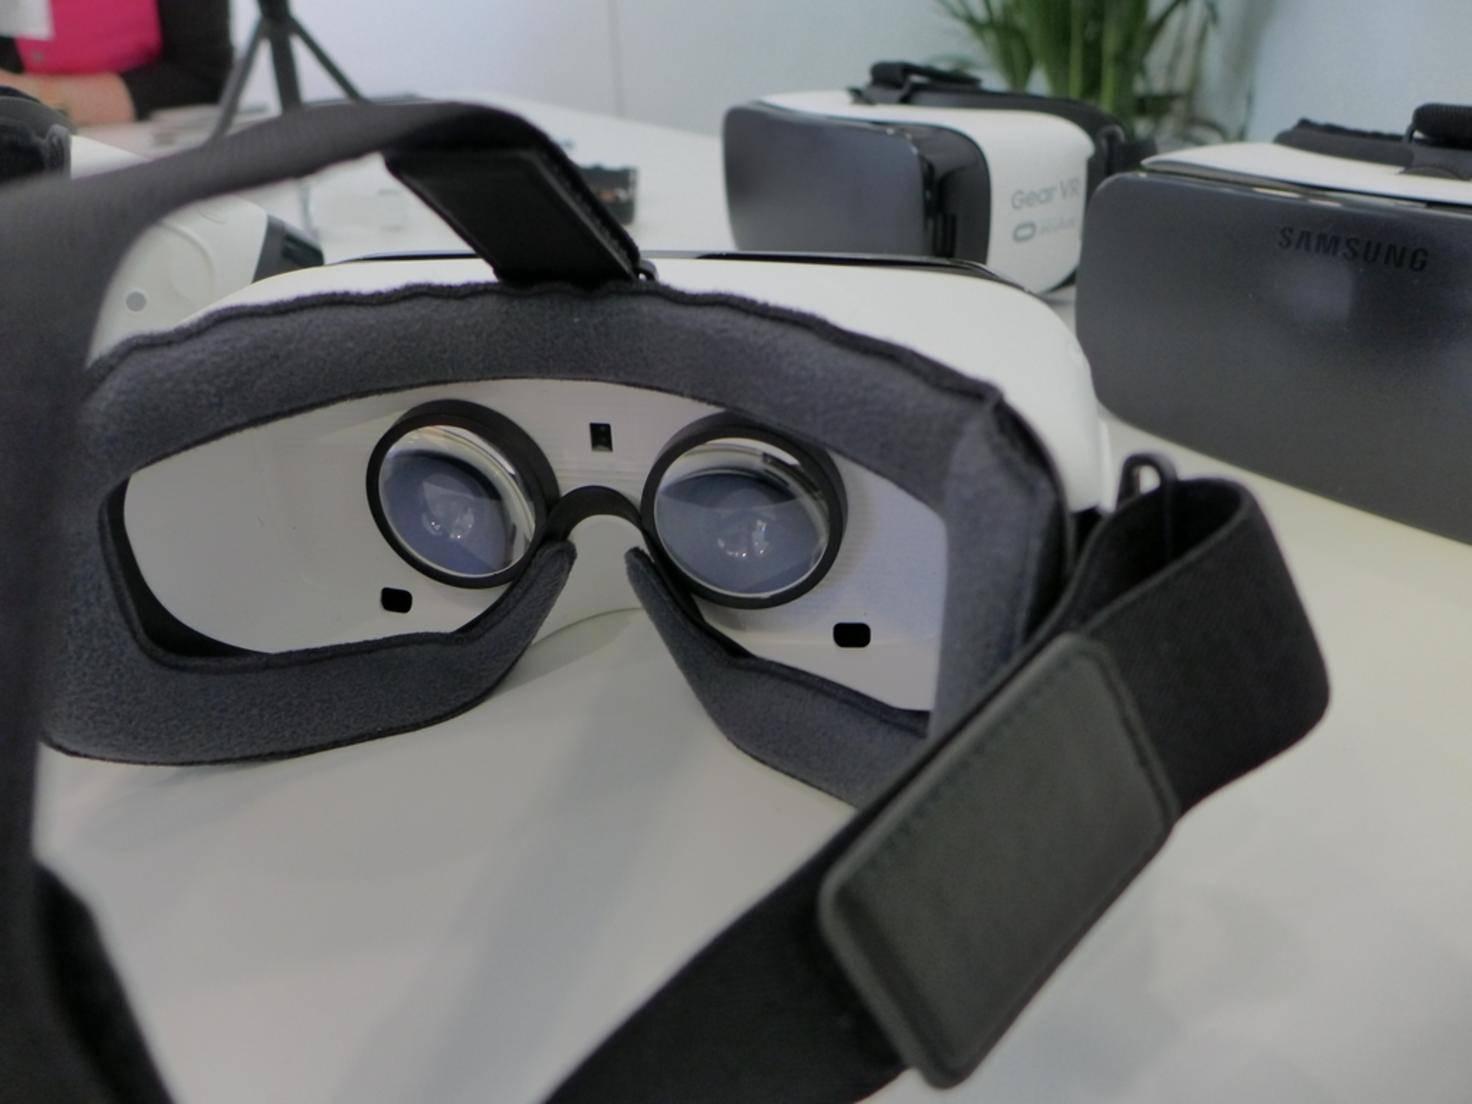 Mit der Brille taucht der Nutzer in fremde Welten ein.